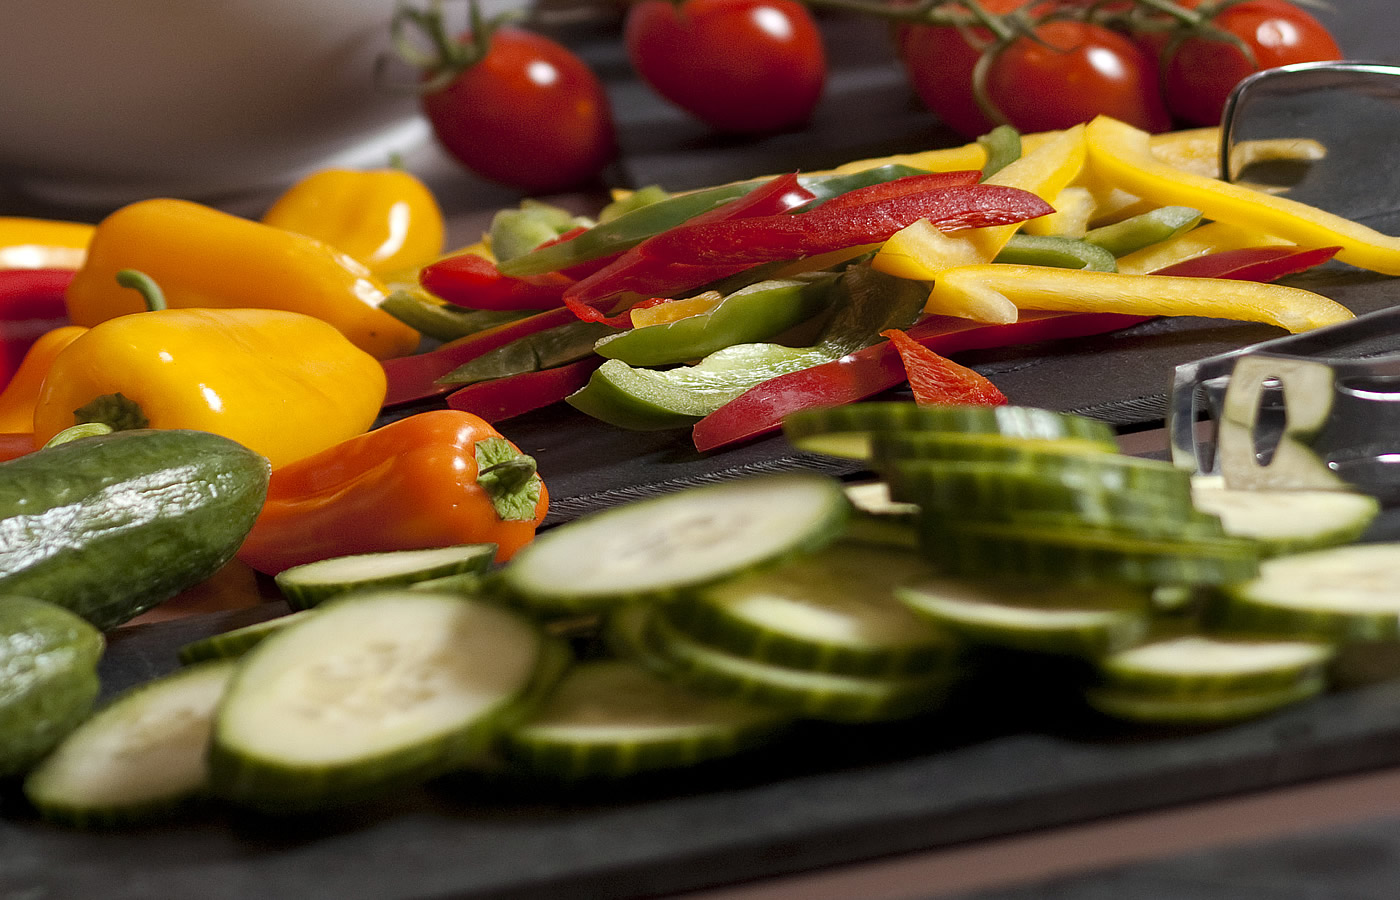 Gemüse für einen gesunden Start in den Urlaubstag.